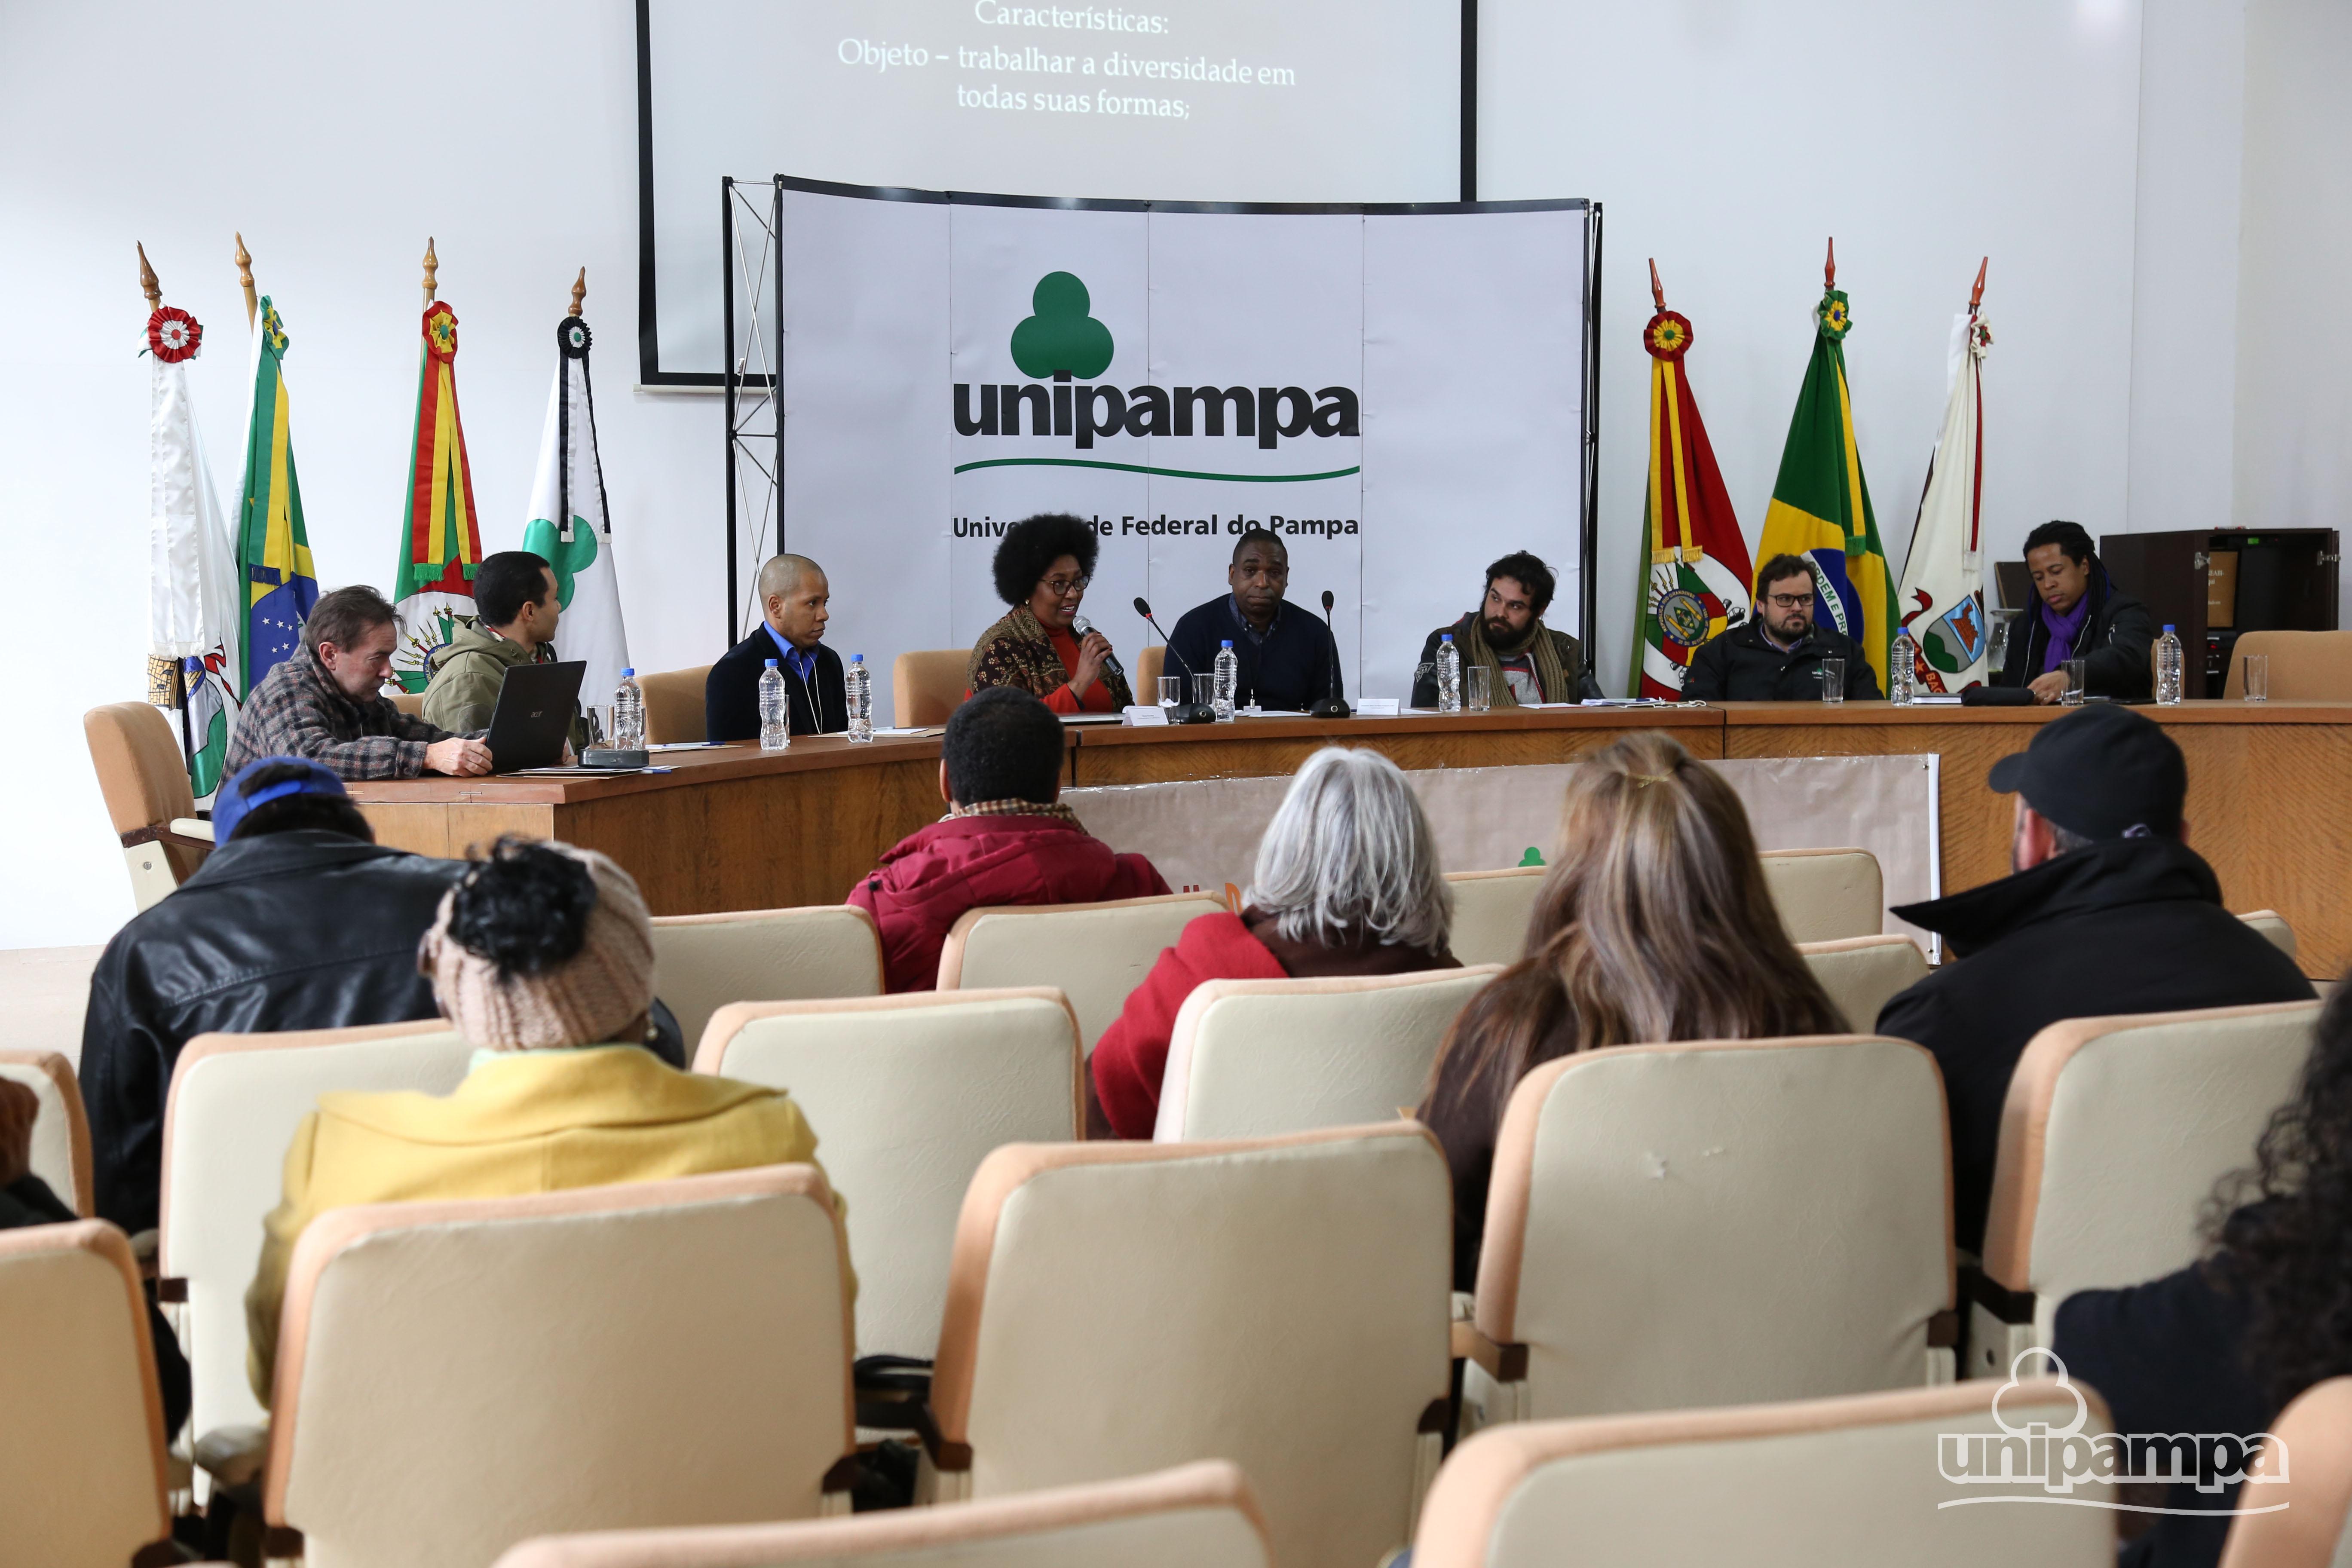 Representantes dos Neabis da Unipampa debatem atividades e perspectivas para os núcleos - Foto Ronaldo Estevam